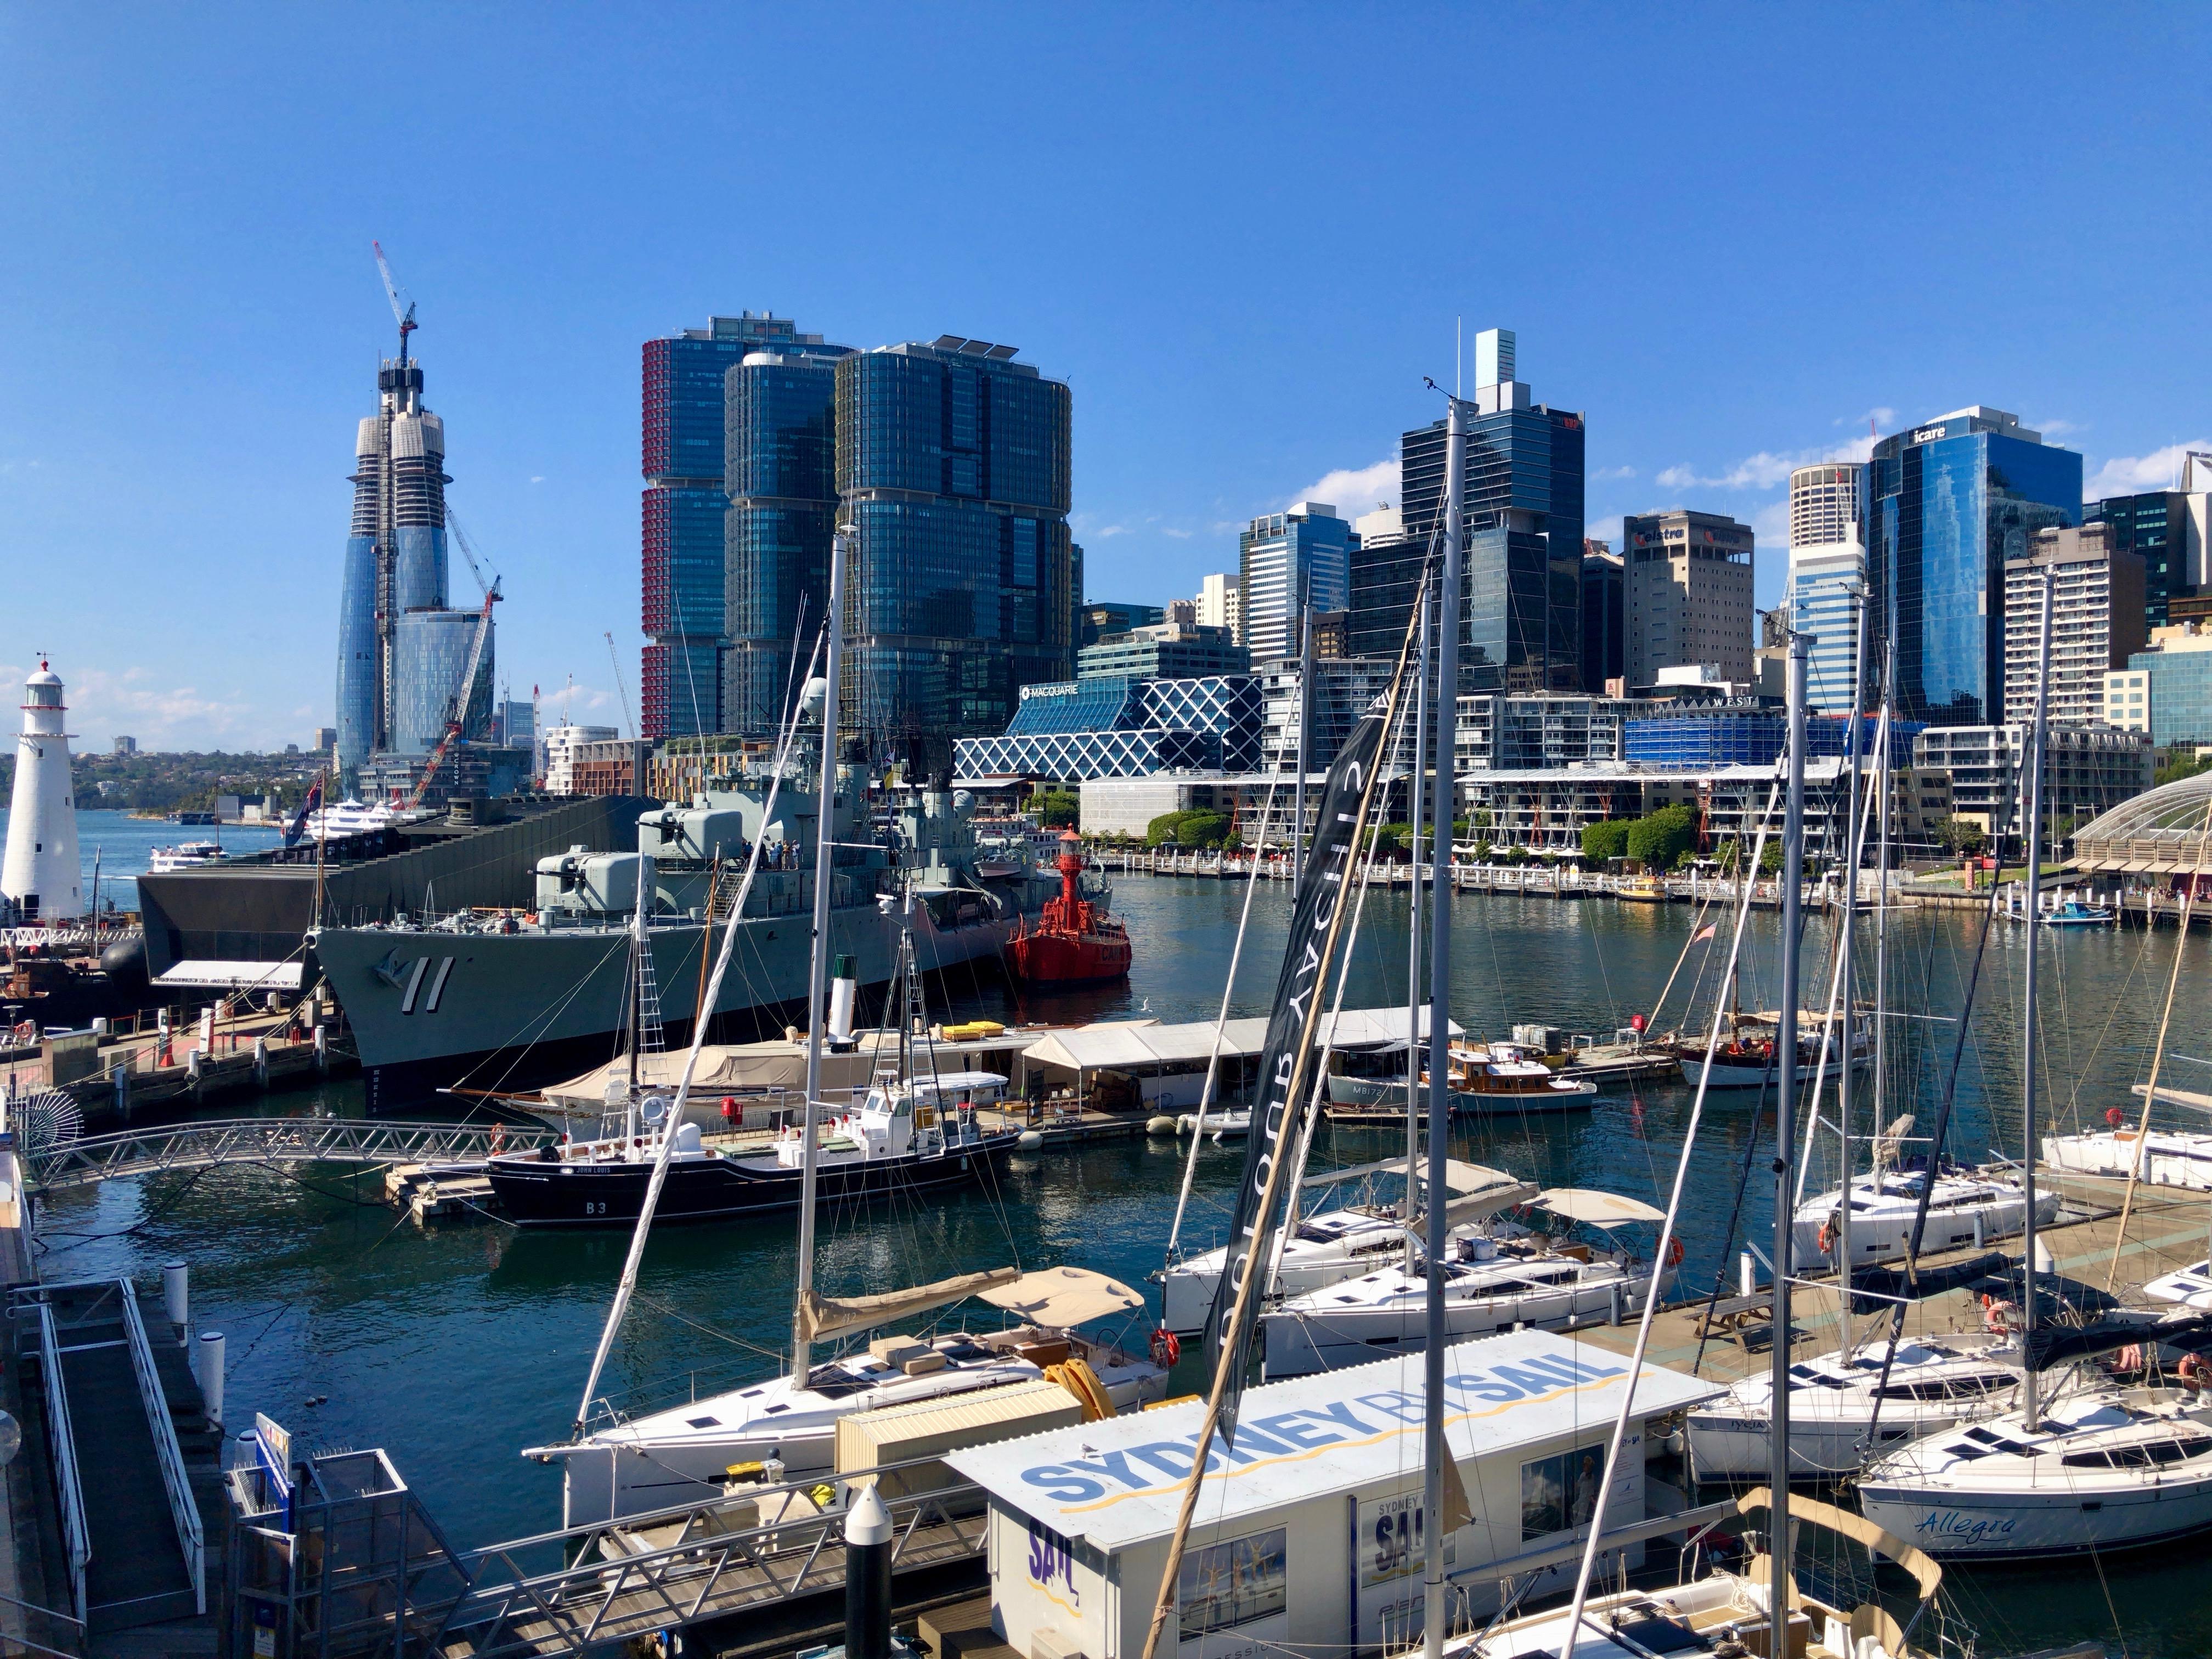 オーストラリア,シドニー,ダーリングハーバー,カフェ,おしゃれ,港